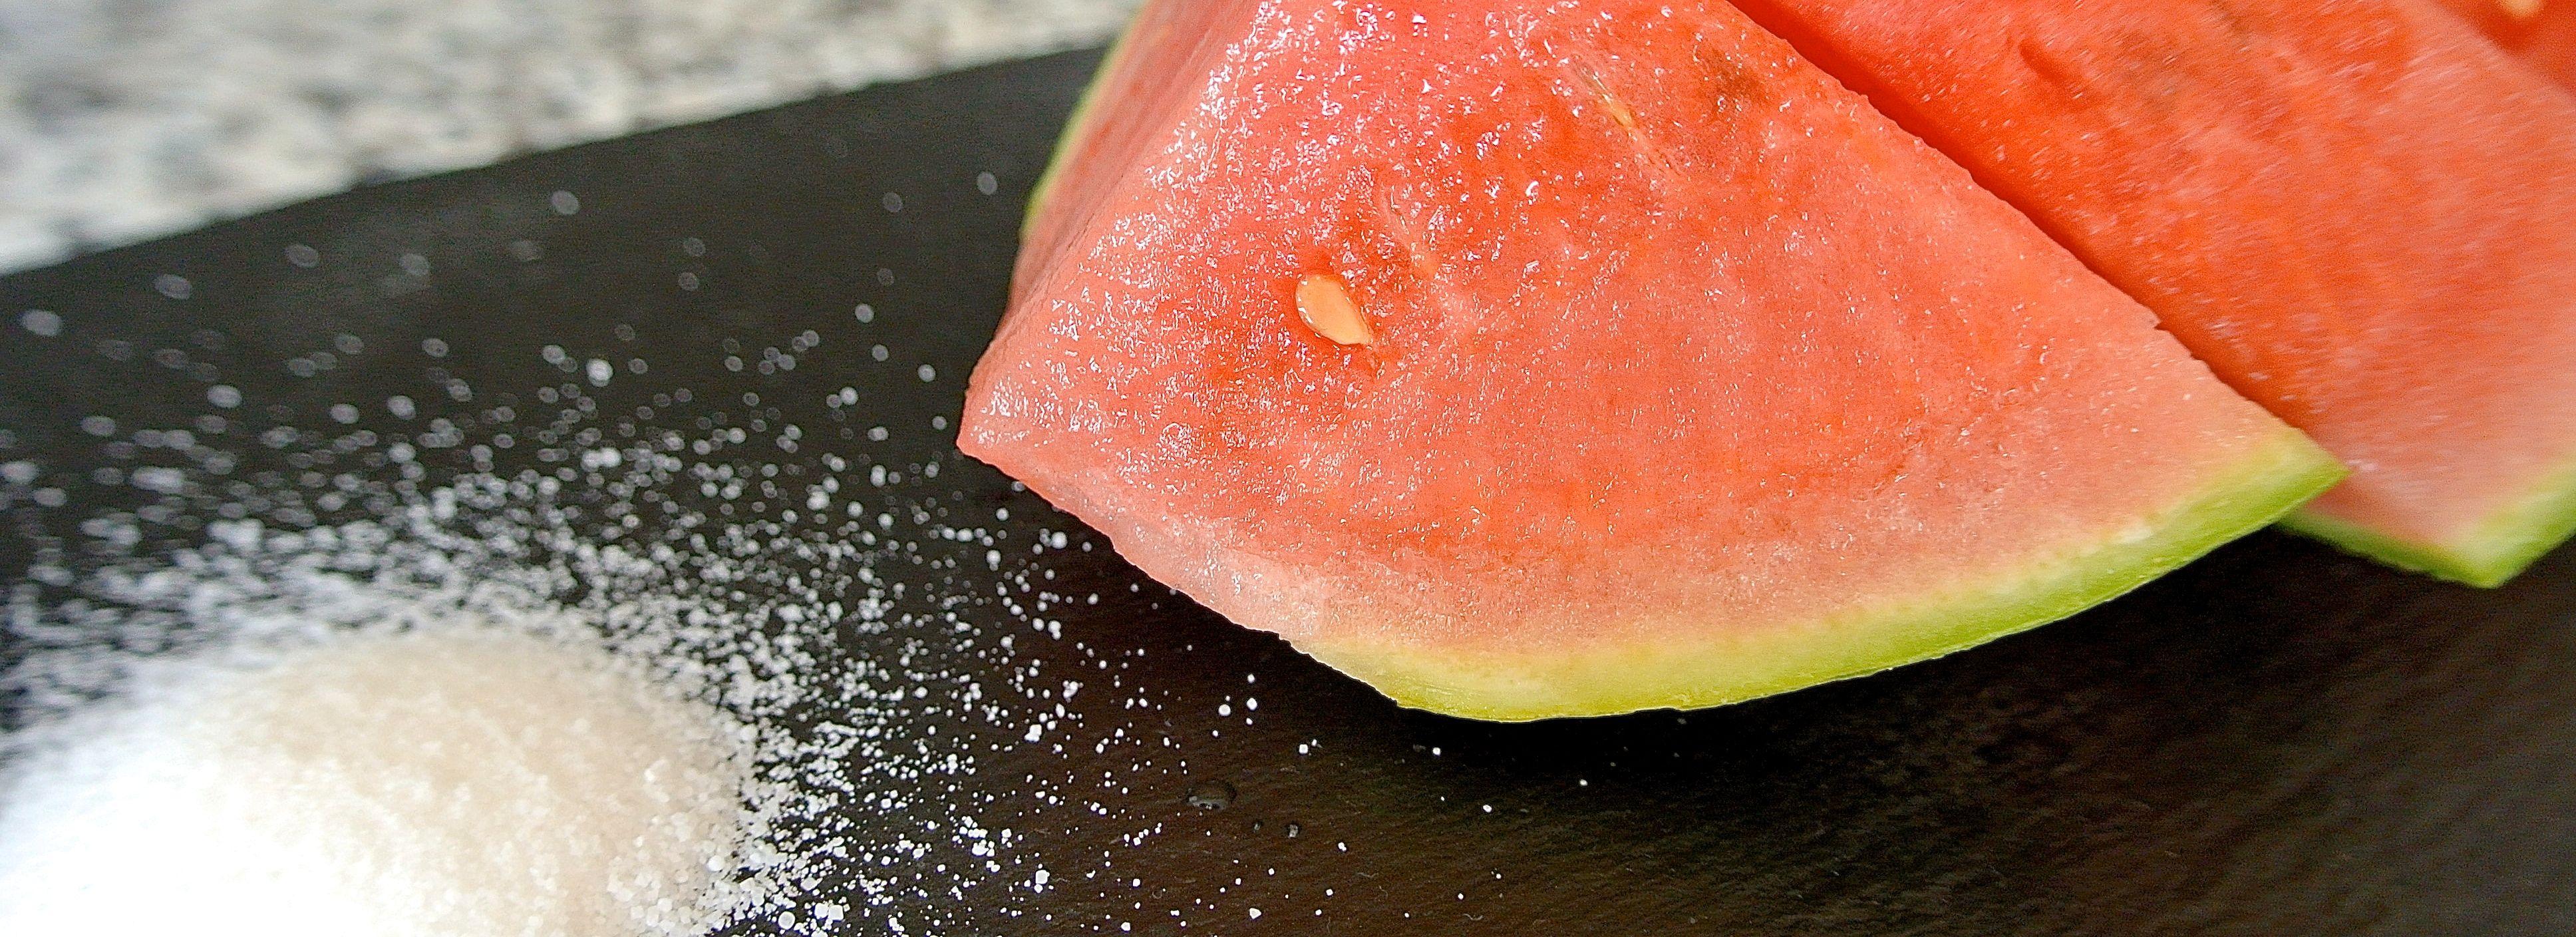 Wassermelone ist besser mit Salz